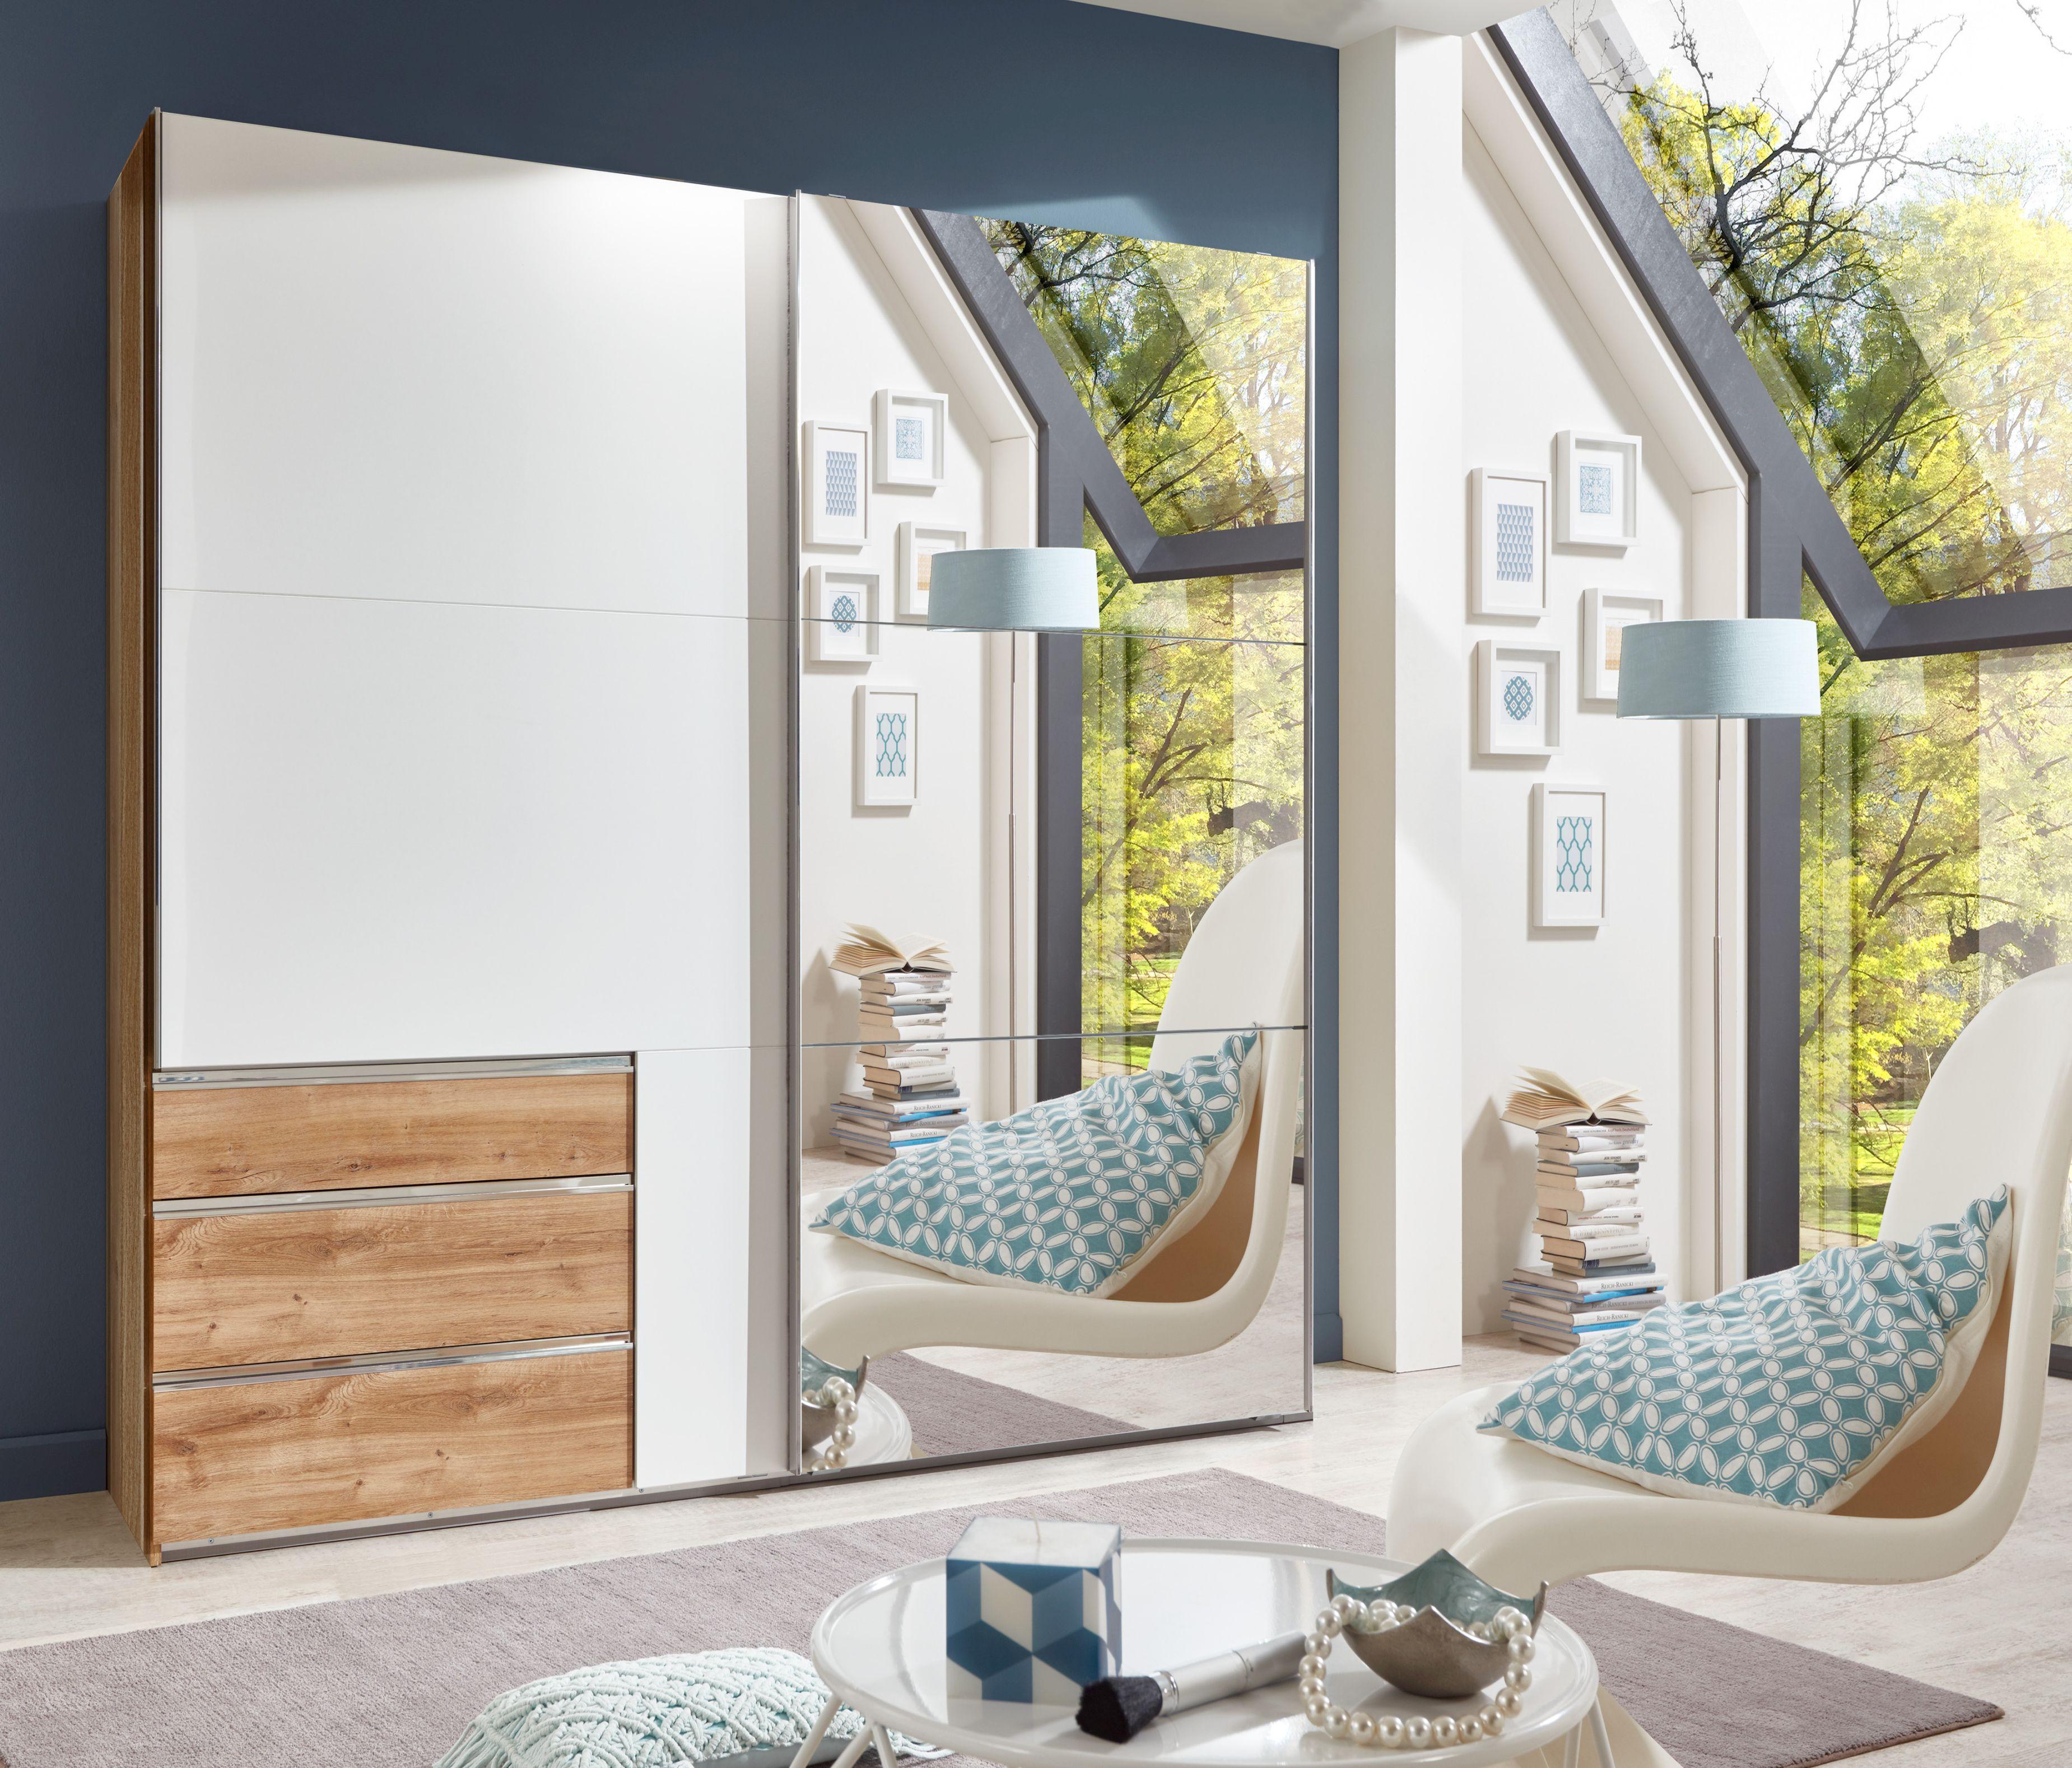 schwebet renschrank kleiderschrank schrank wei plankeneiche mit spiegel 200 cm ebay. Black Bedroom Furniture Sets. Home Design Ideas